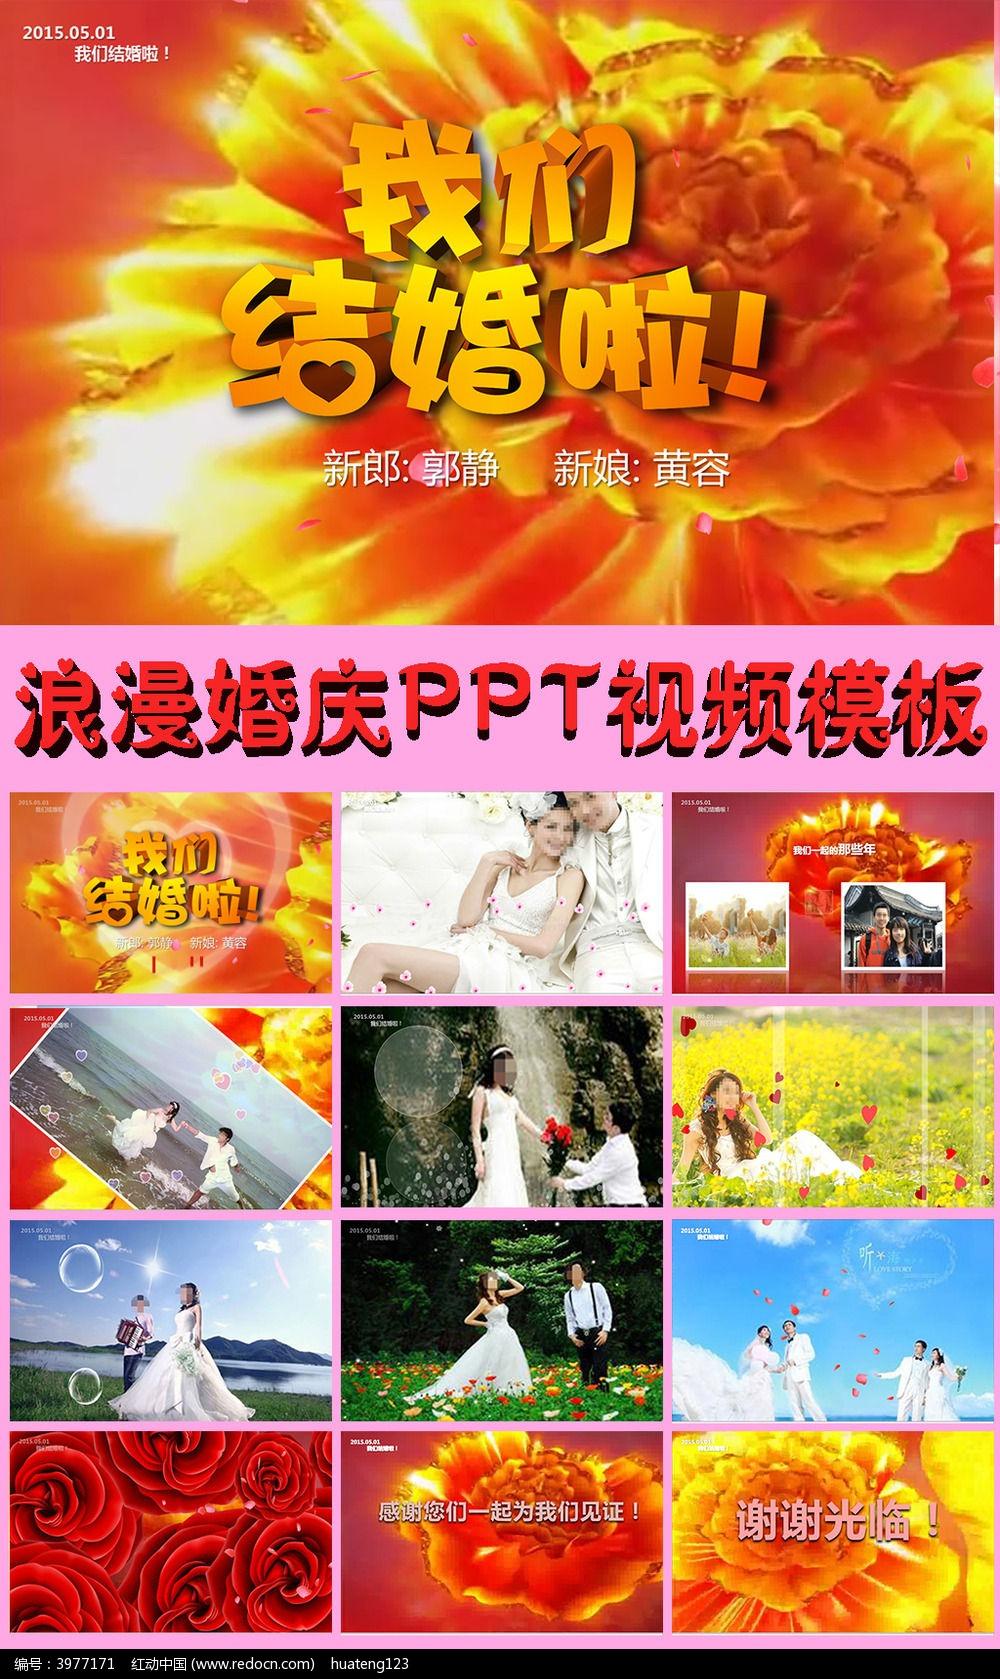 浪漫婚庆PPT视频片头模板图片